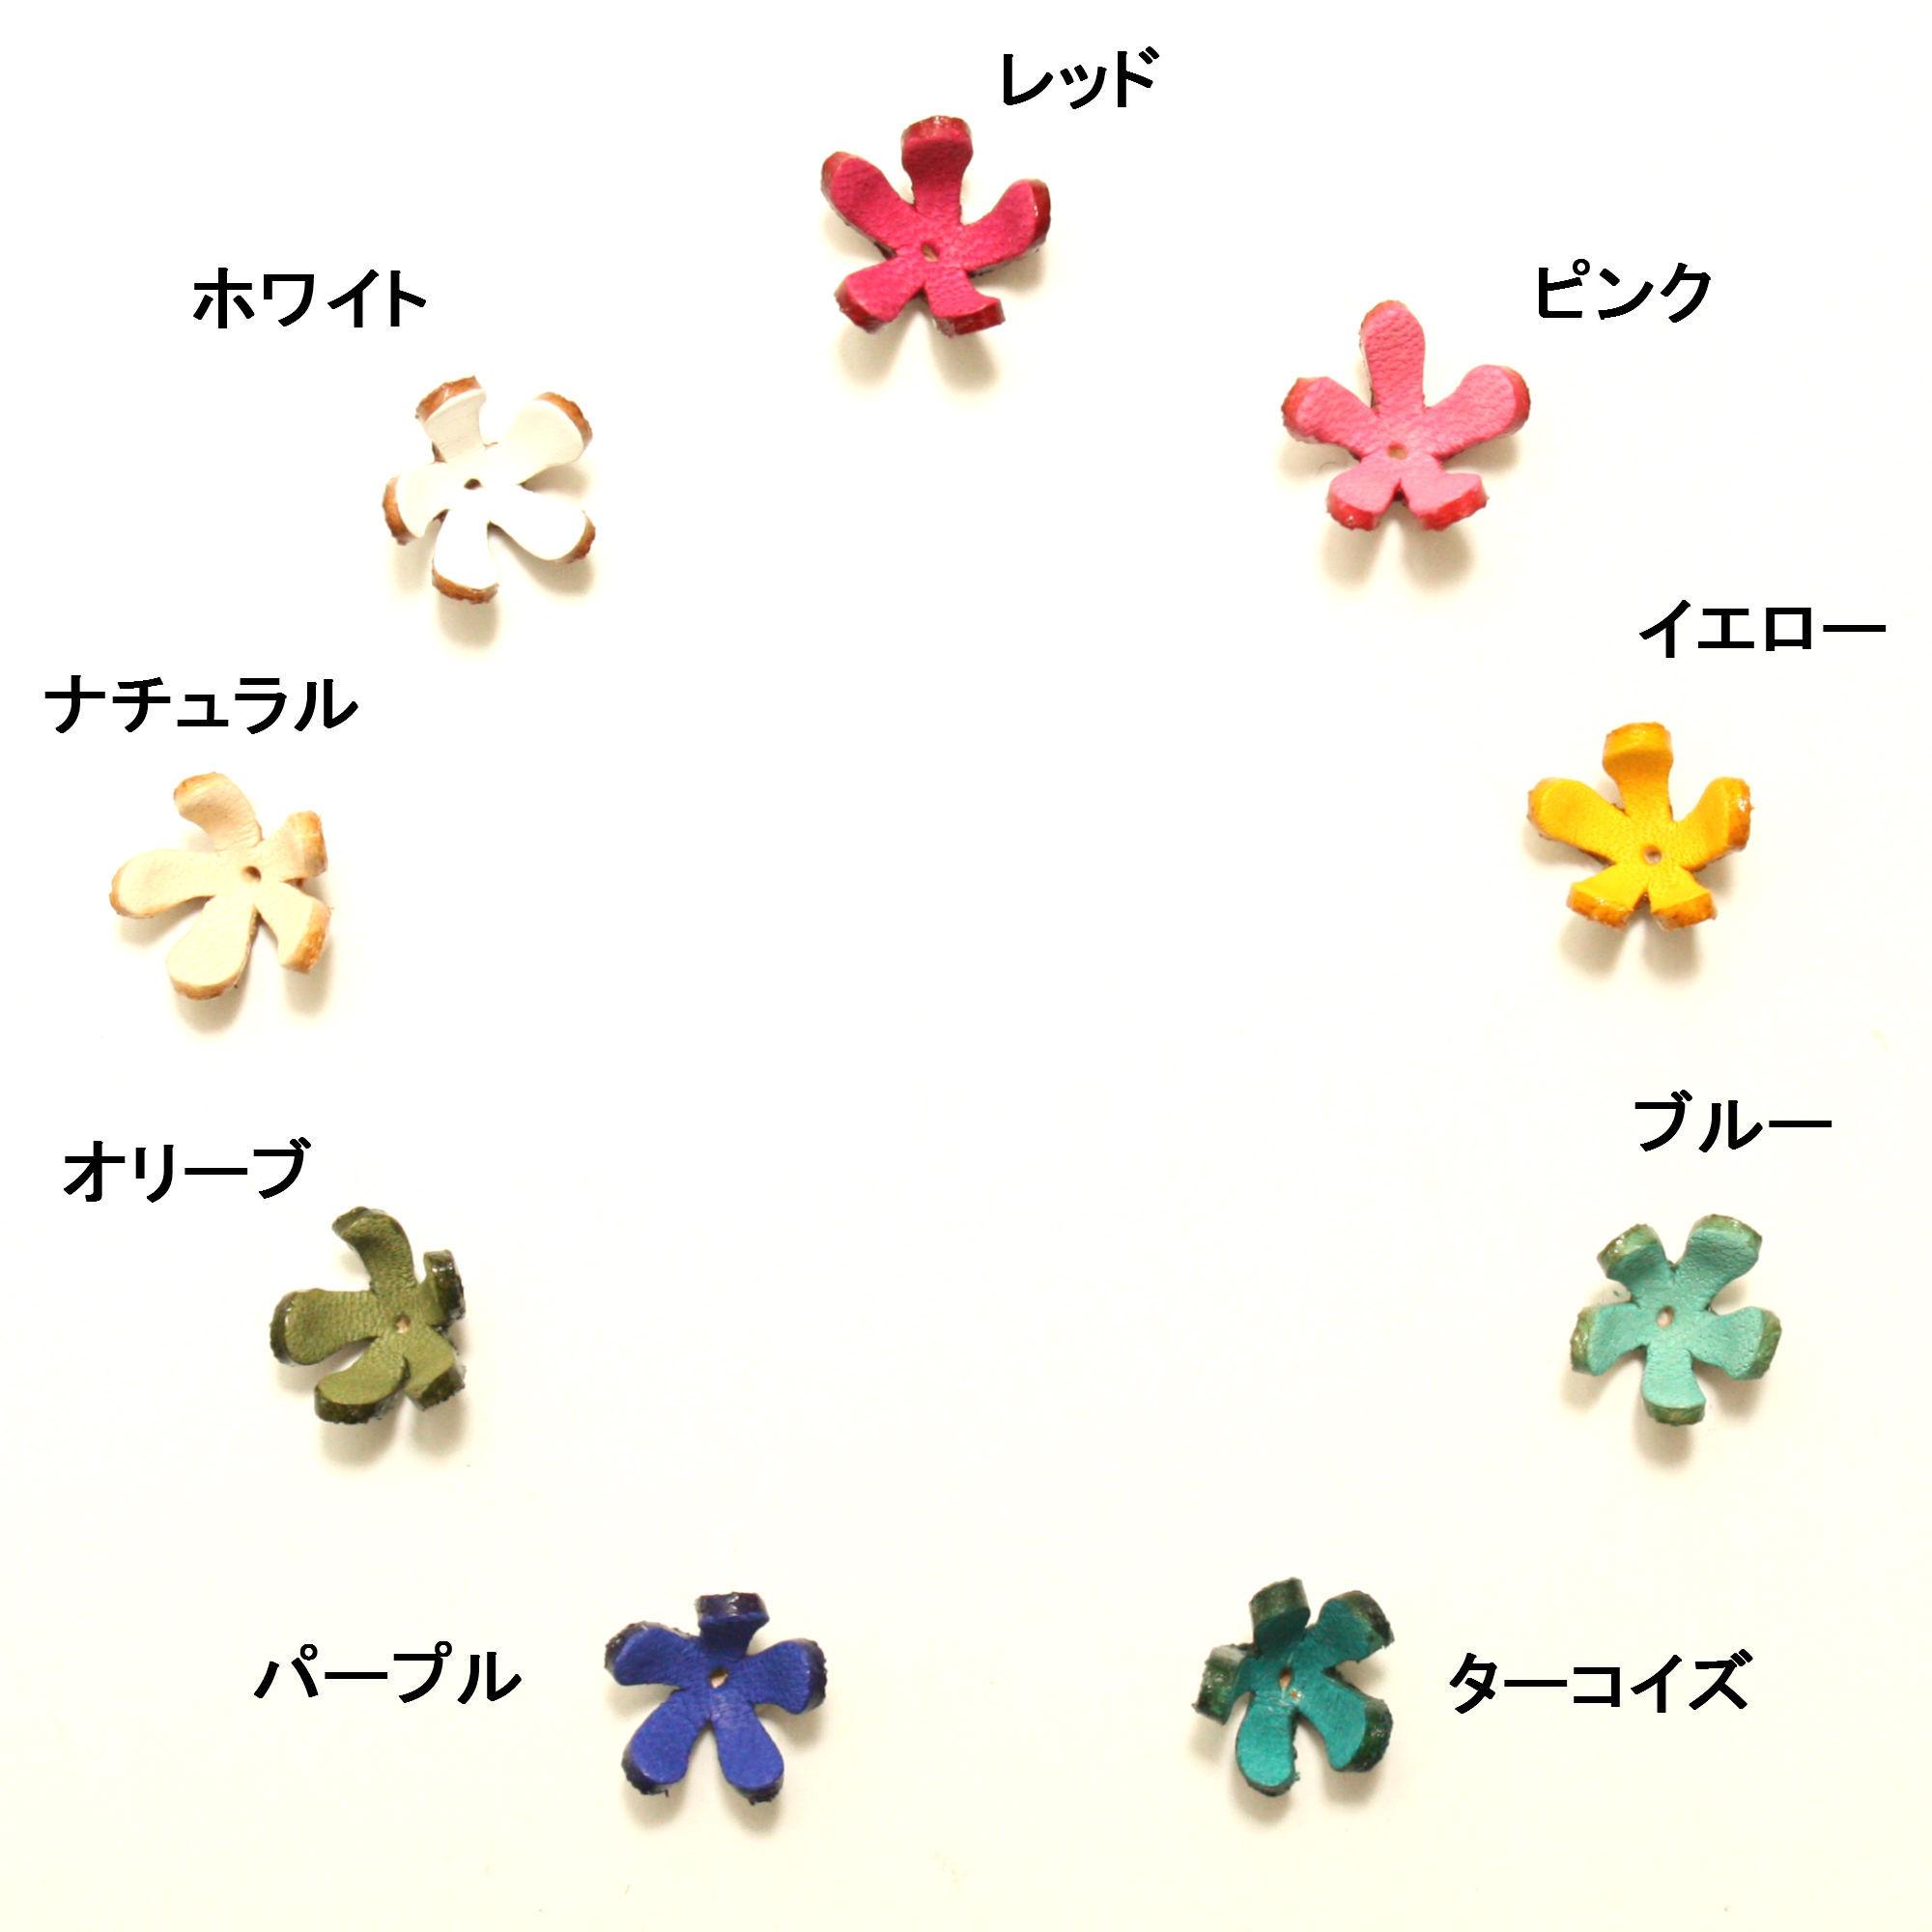 【フラワーレザーパーツ】スターフラワーSS(ピンなしタイプ)